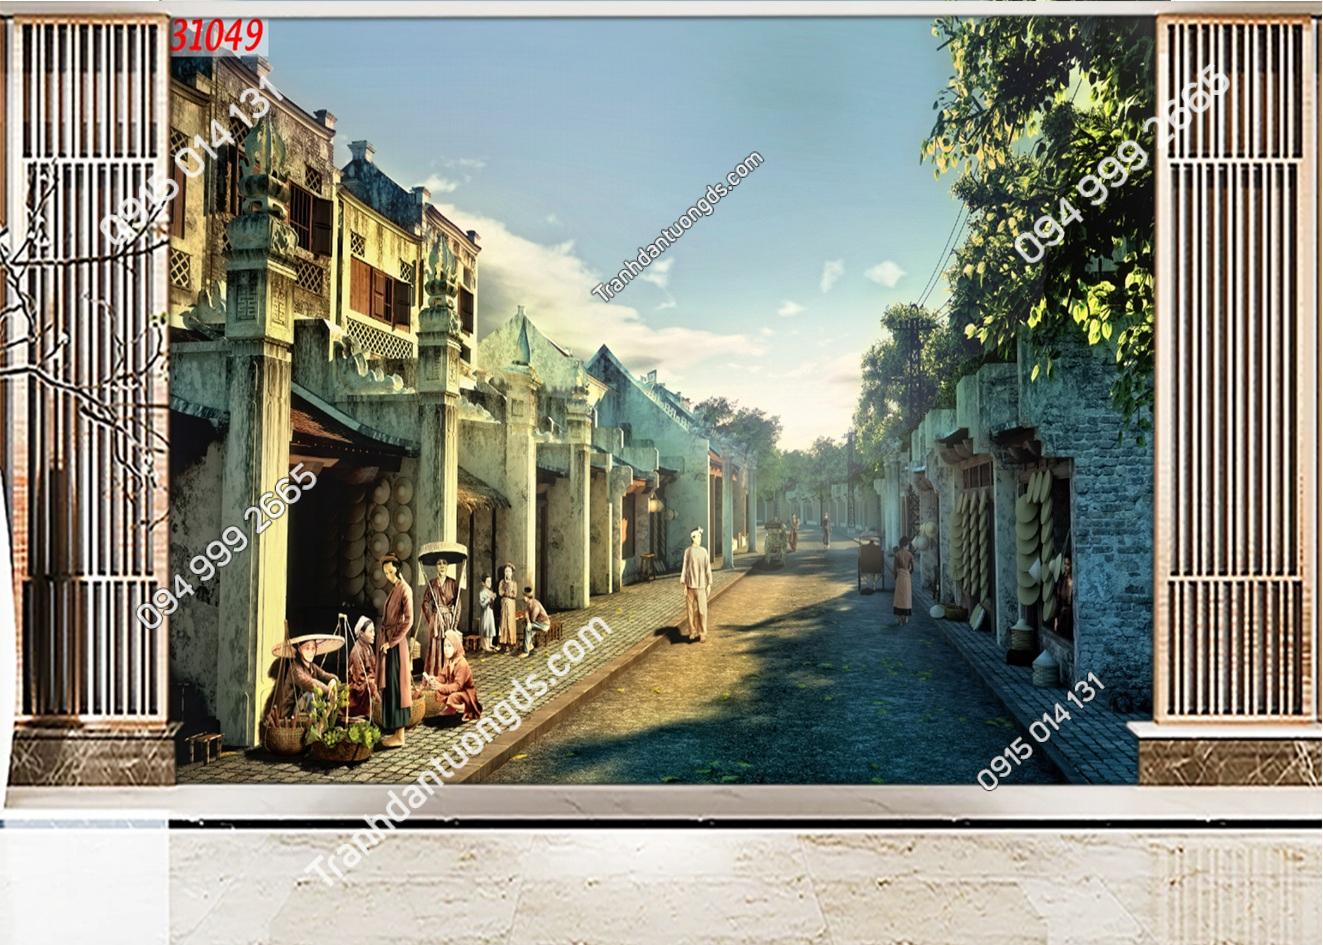 Tranh dán tường phố cổ Hà Nội xưa 31049